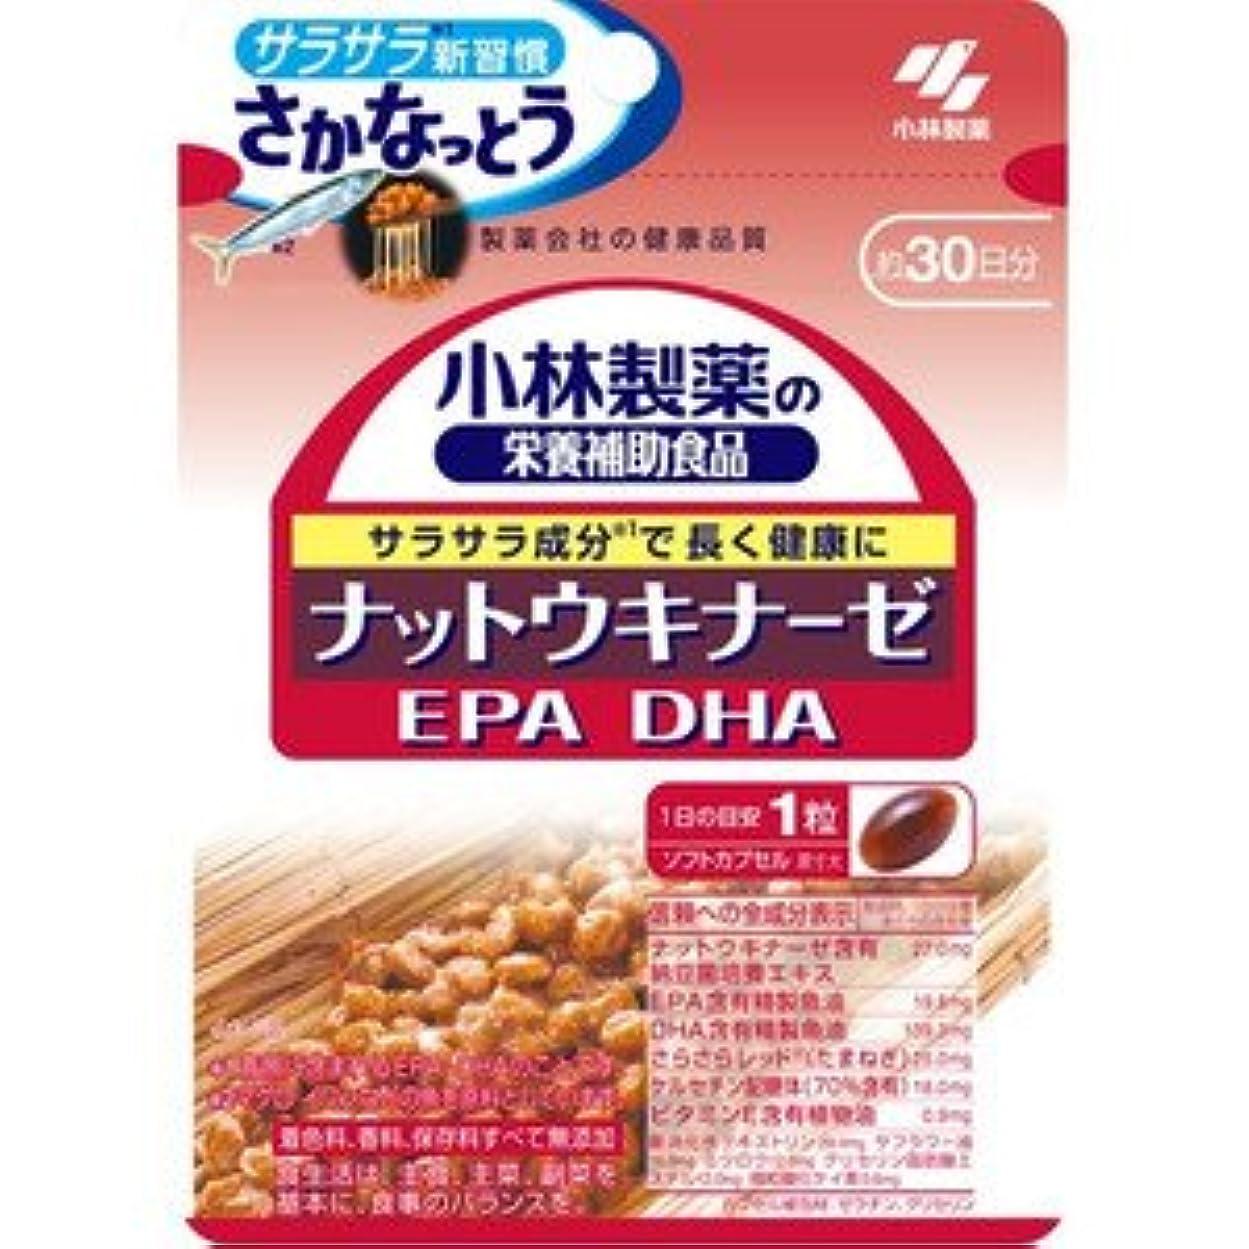 告白高潔な必要条件【小林製薬】ナットウキナーゼ (EPA/DHA) 30粒(お買い得3個セット)